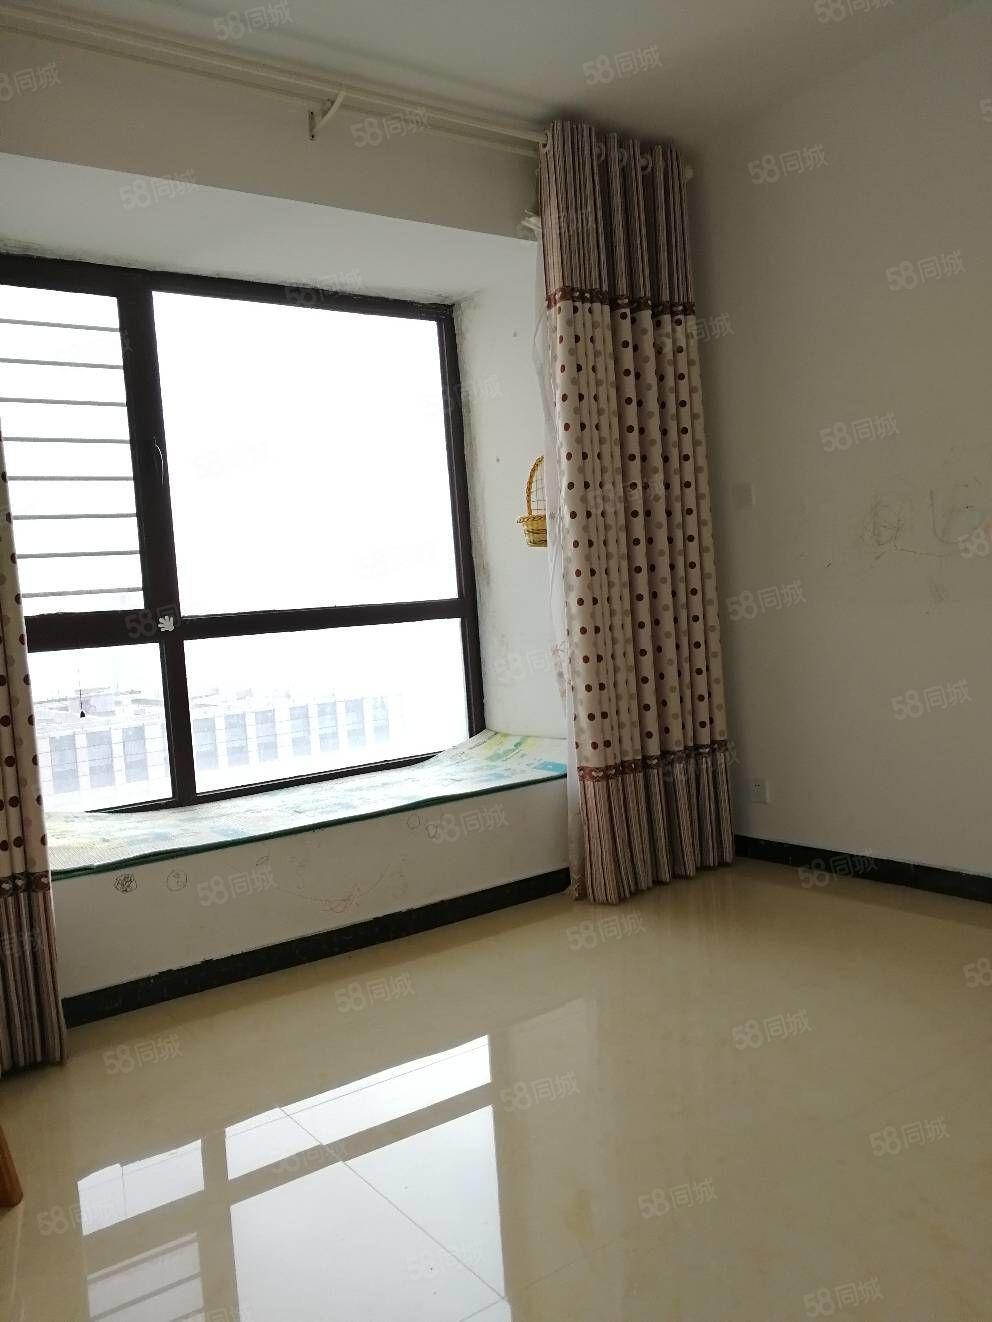 双地铁口,伊河路小学,锦绣城通透大两房,客厅带落地阳台